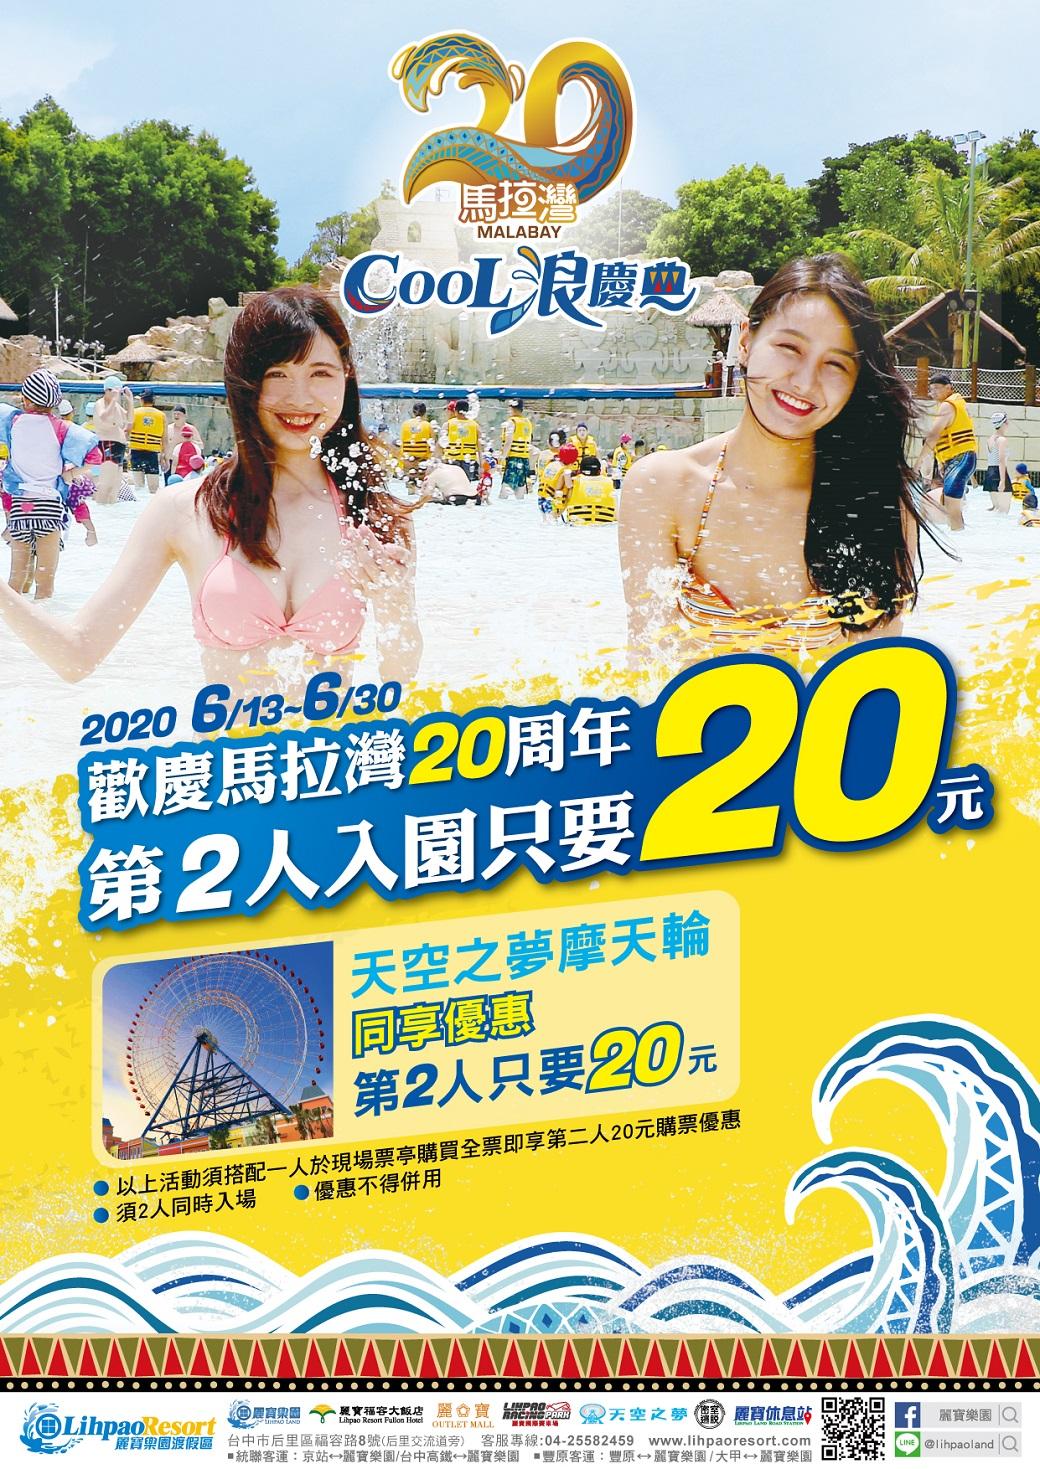 暢玩整天只要199 ?  著海灘褲、比基尼台中麗寶樂園三大優惠活動等你來參加